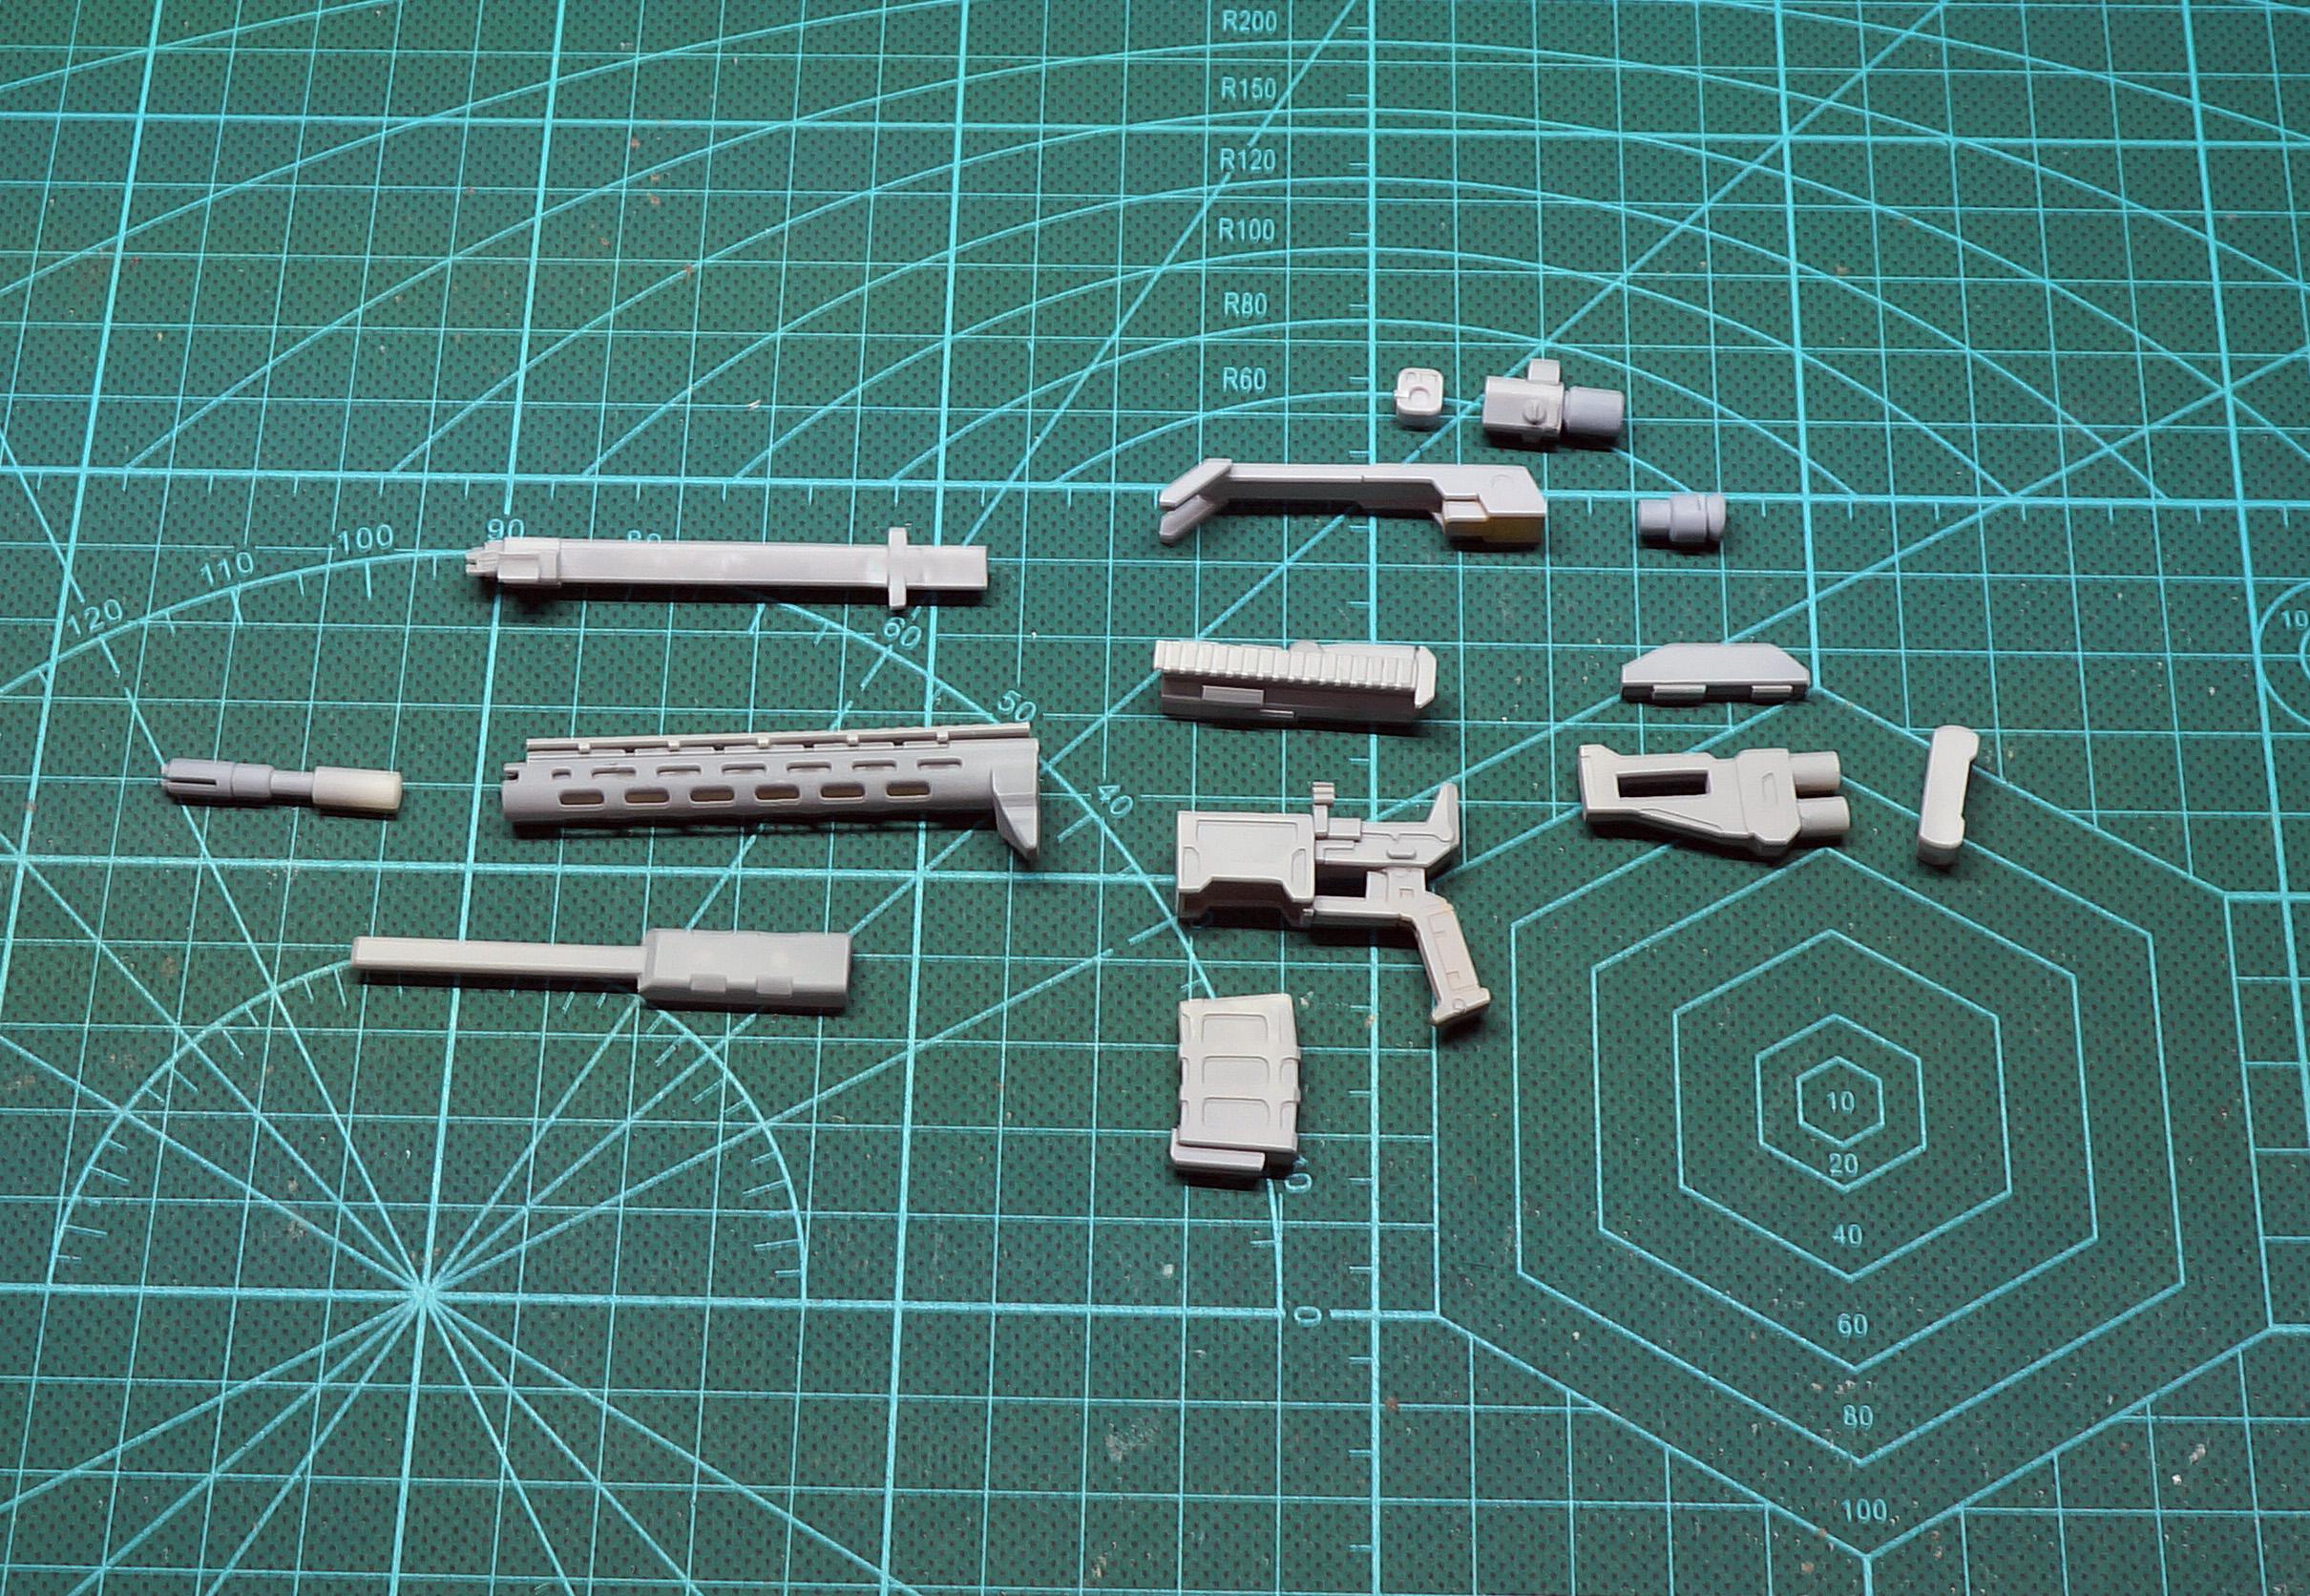 G261_sniper_inask_026.jpg